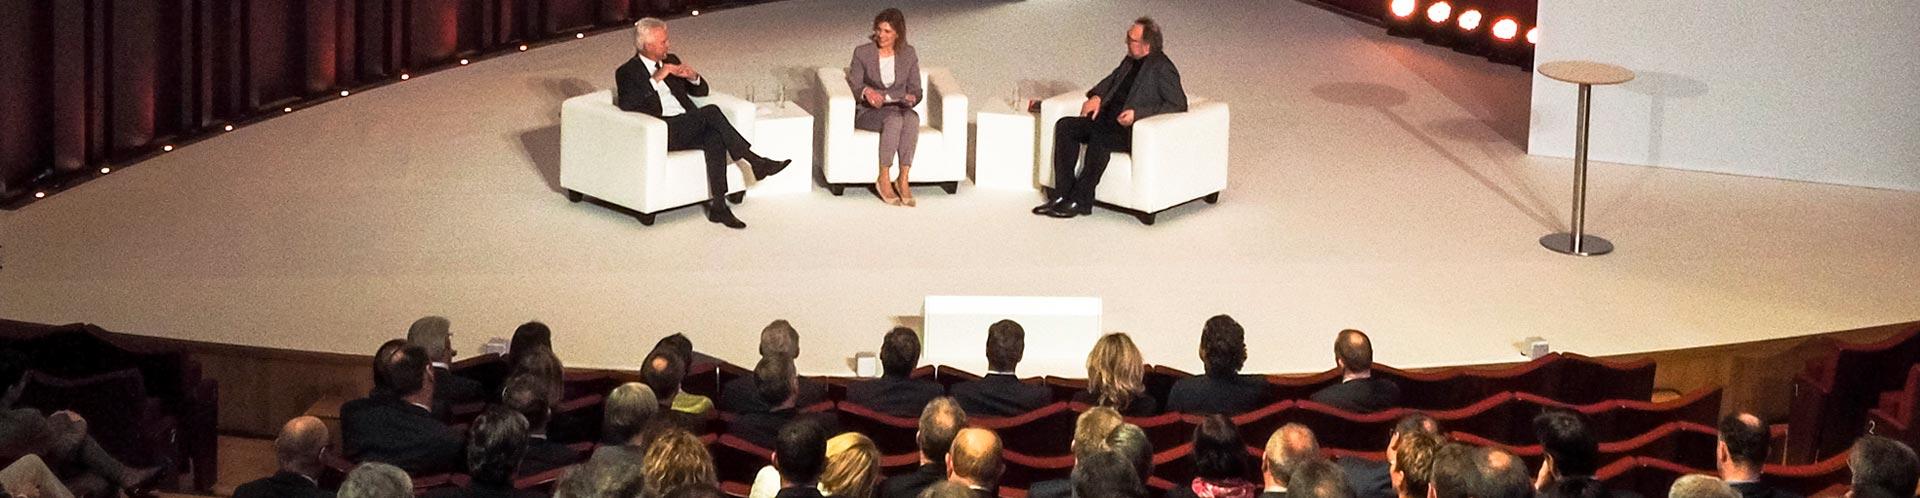 Training Veranstaltungsmoderation – Interviews, Gespräche und Podiumsdiskussionen sicher und erfolgreich moderieren